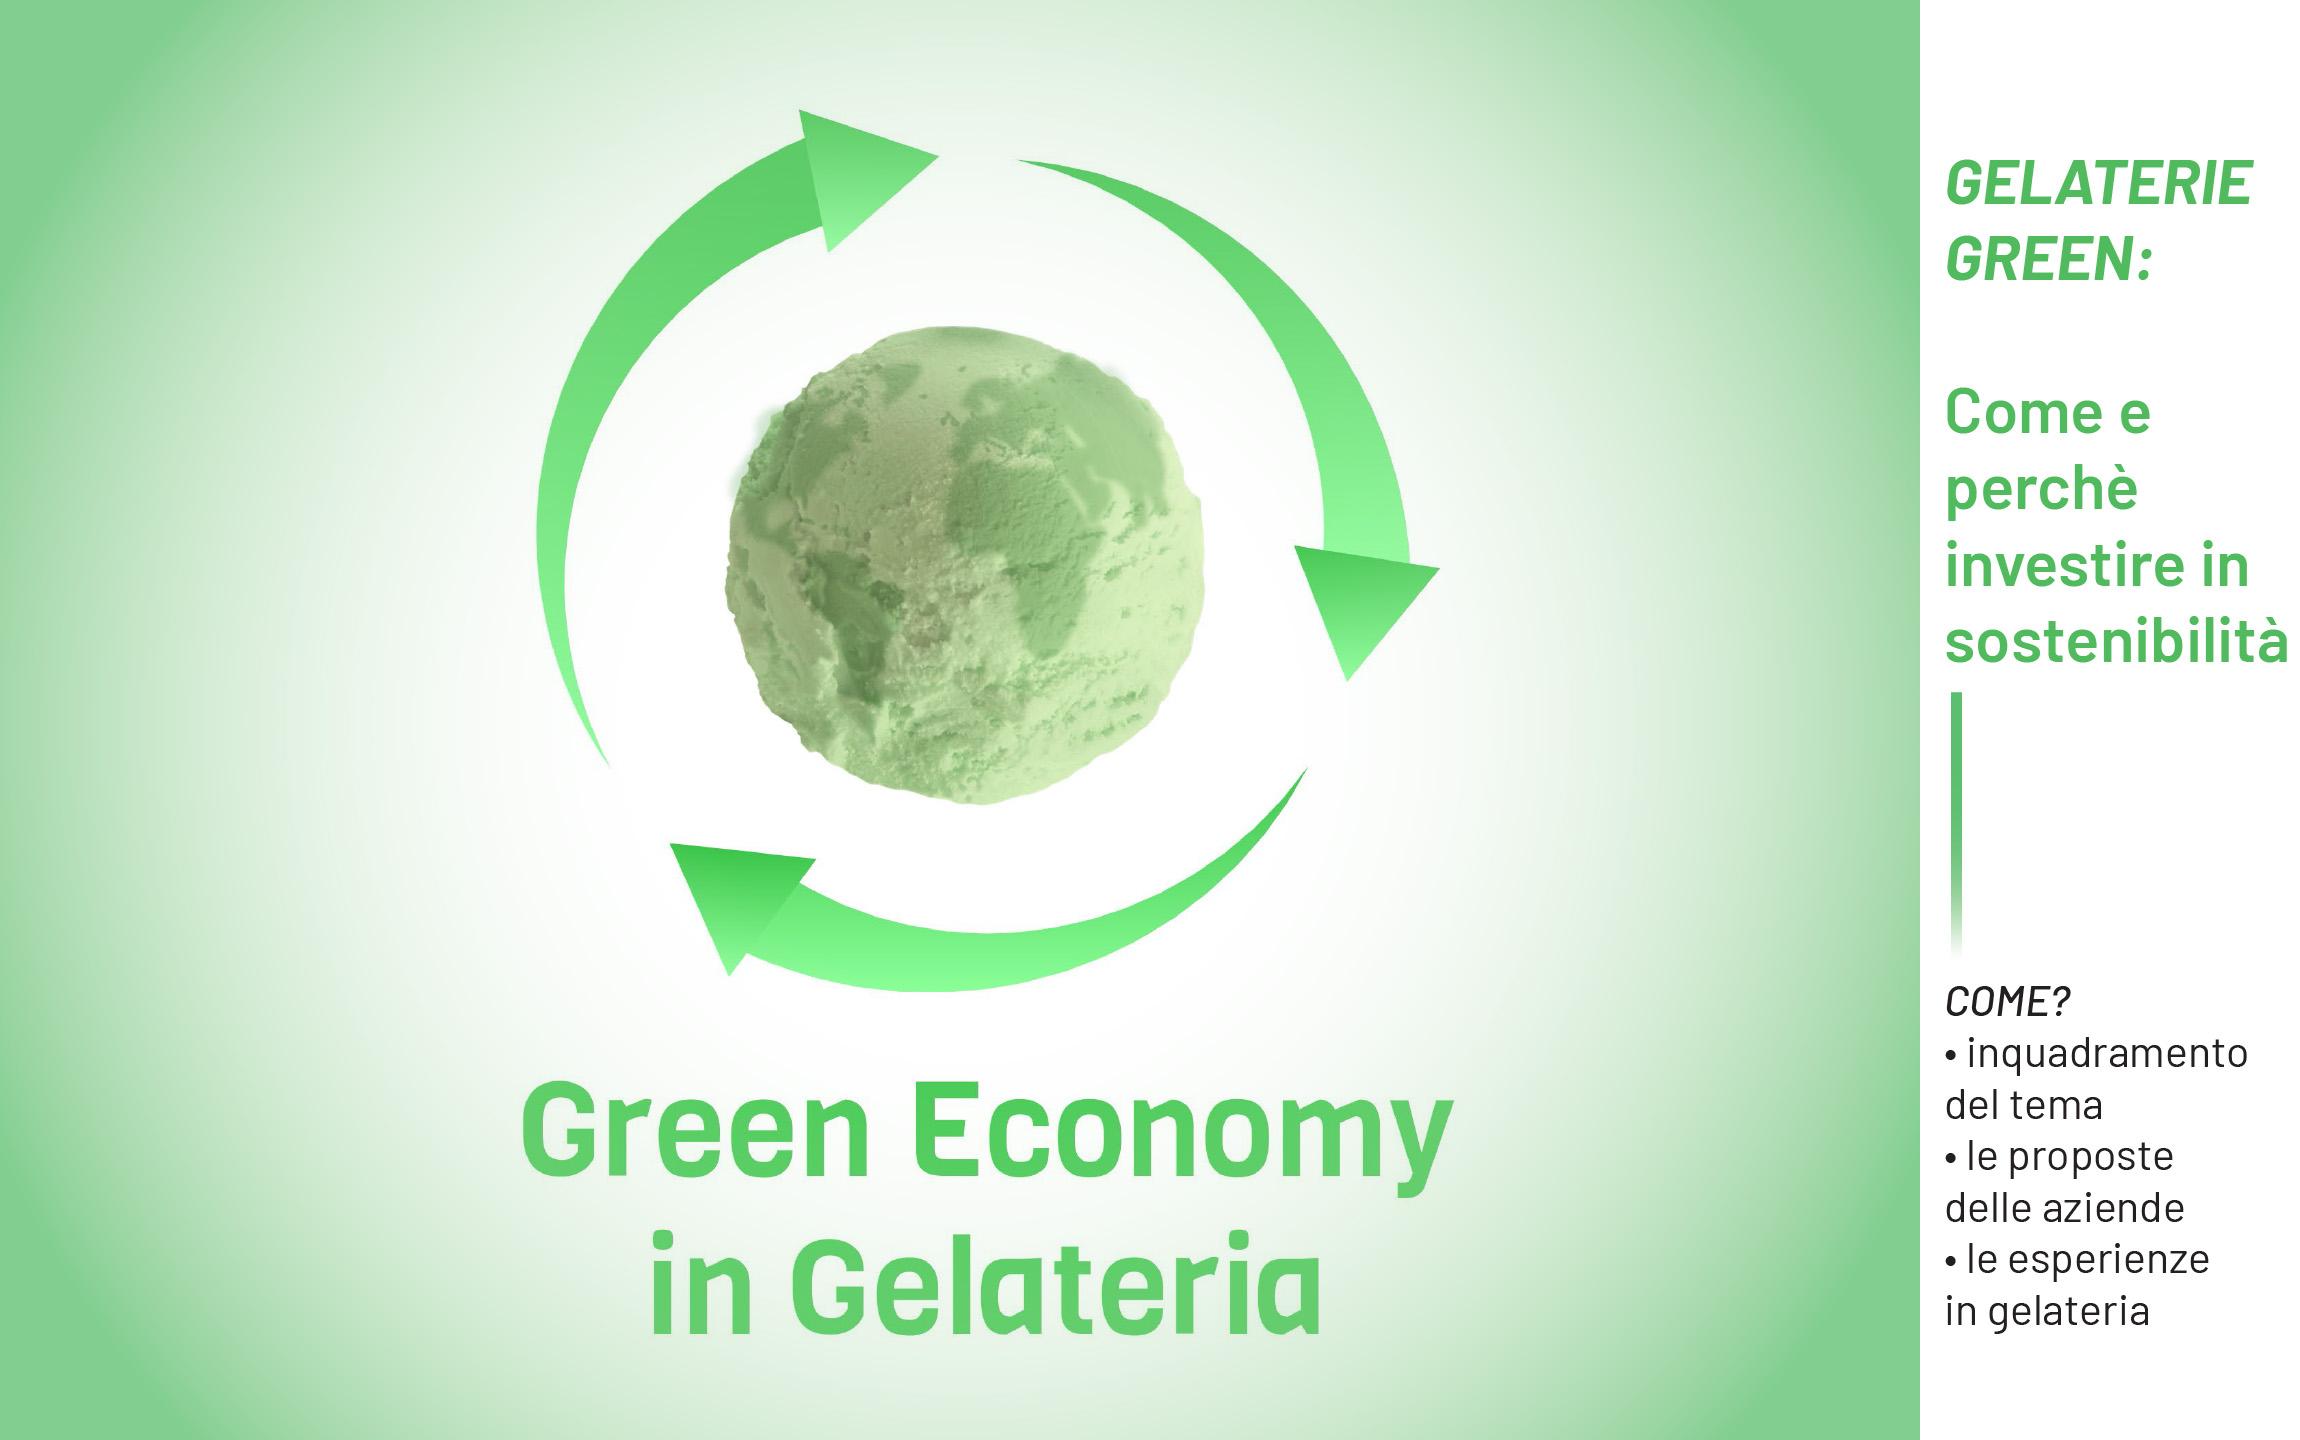 Gelaterie green: come e perché investire in sostenibilità